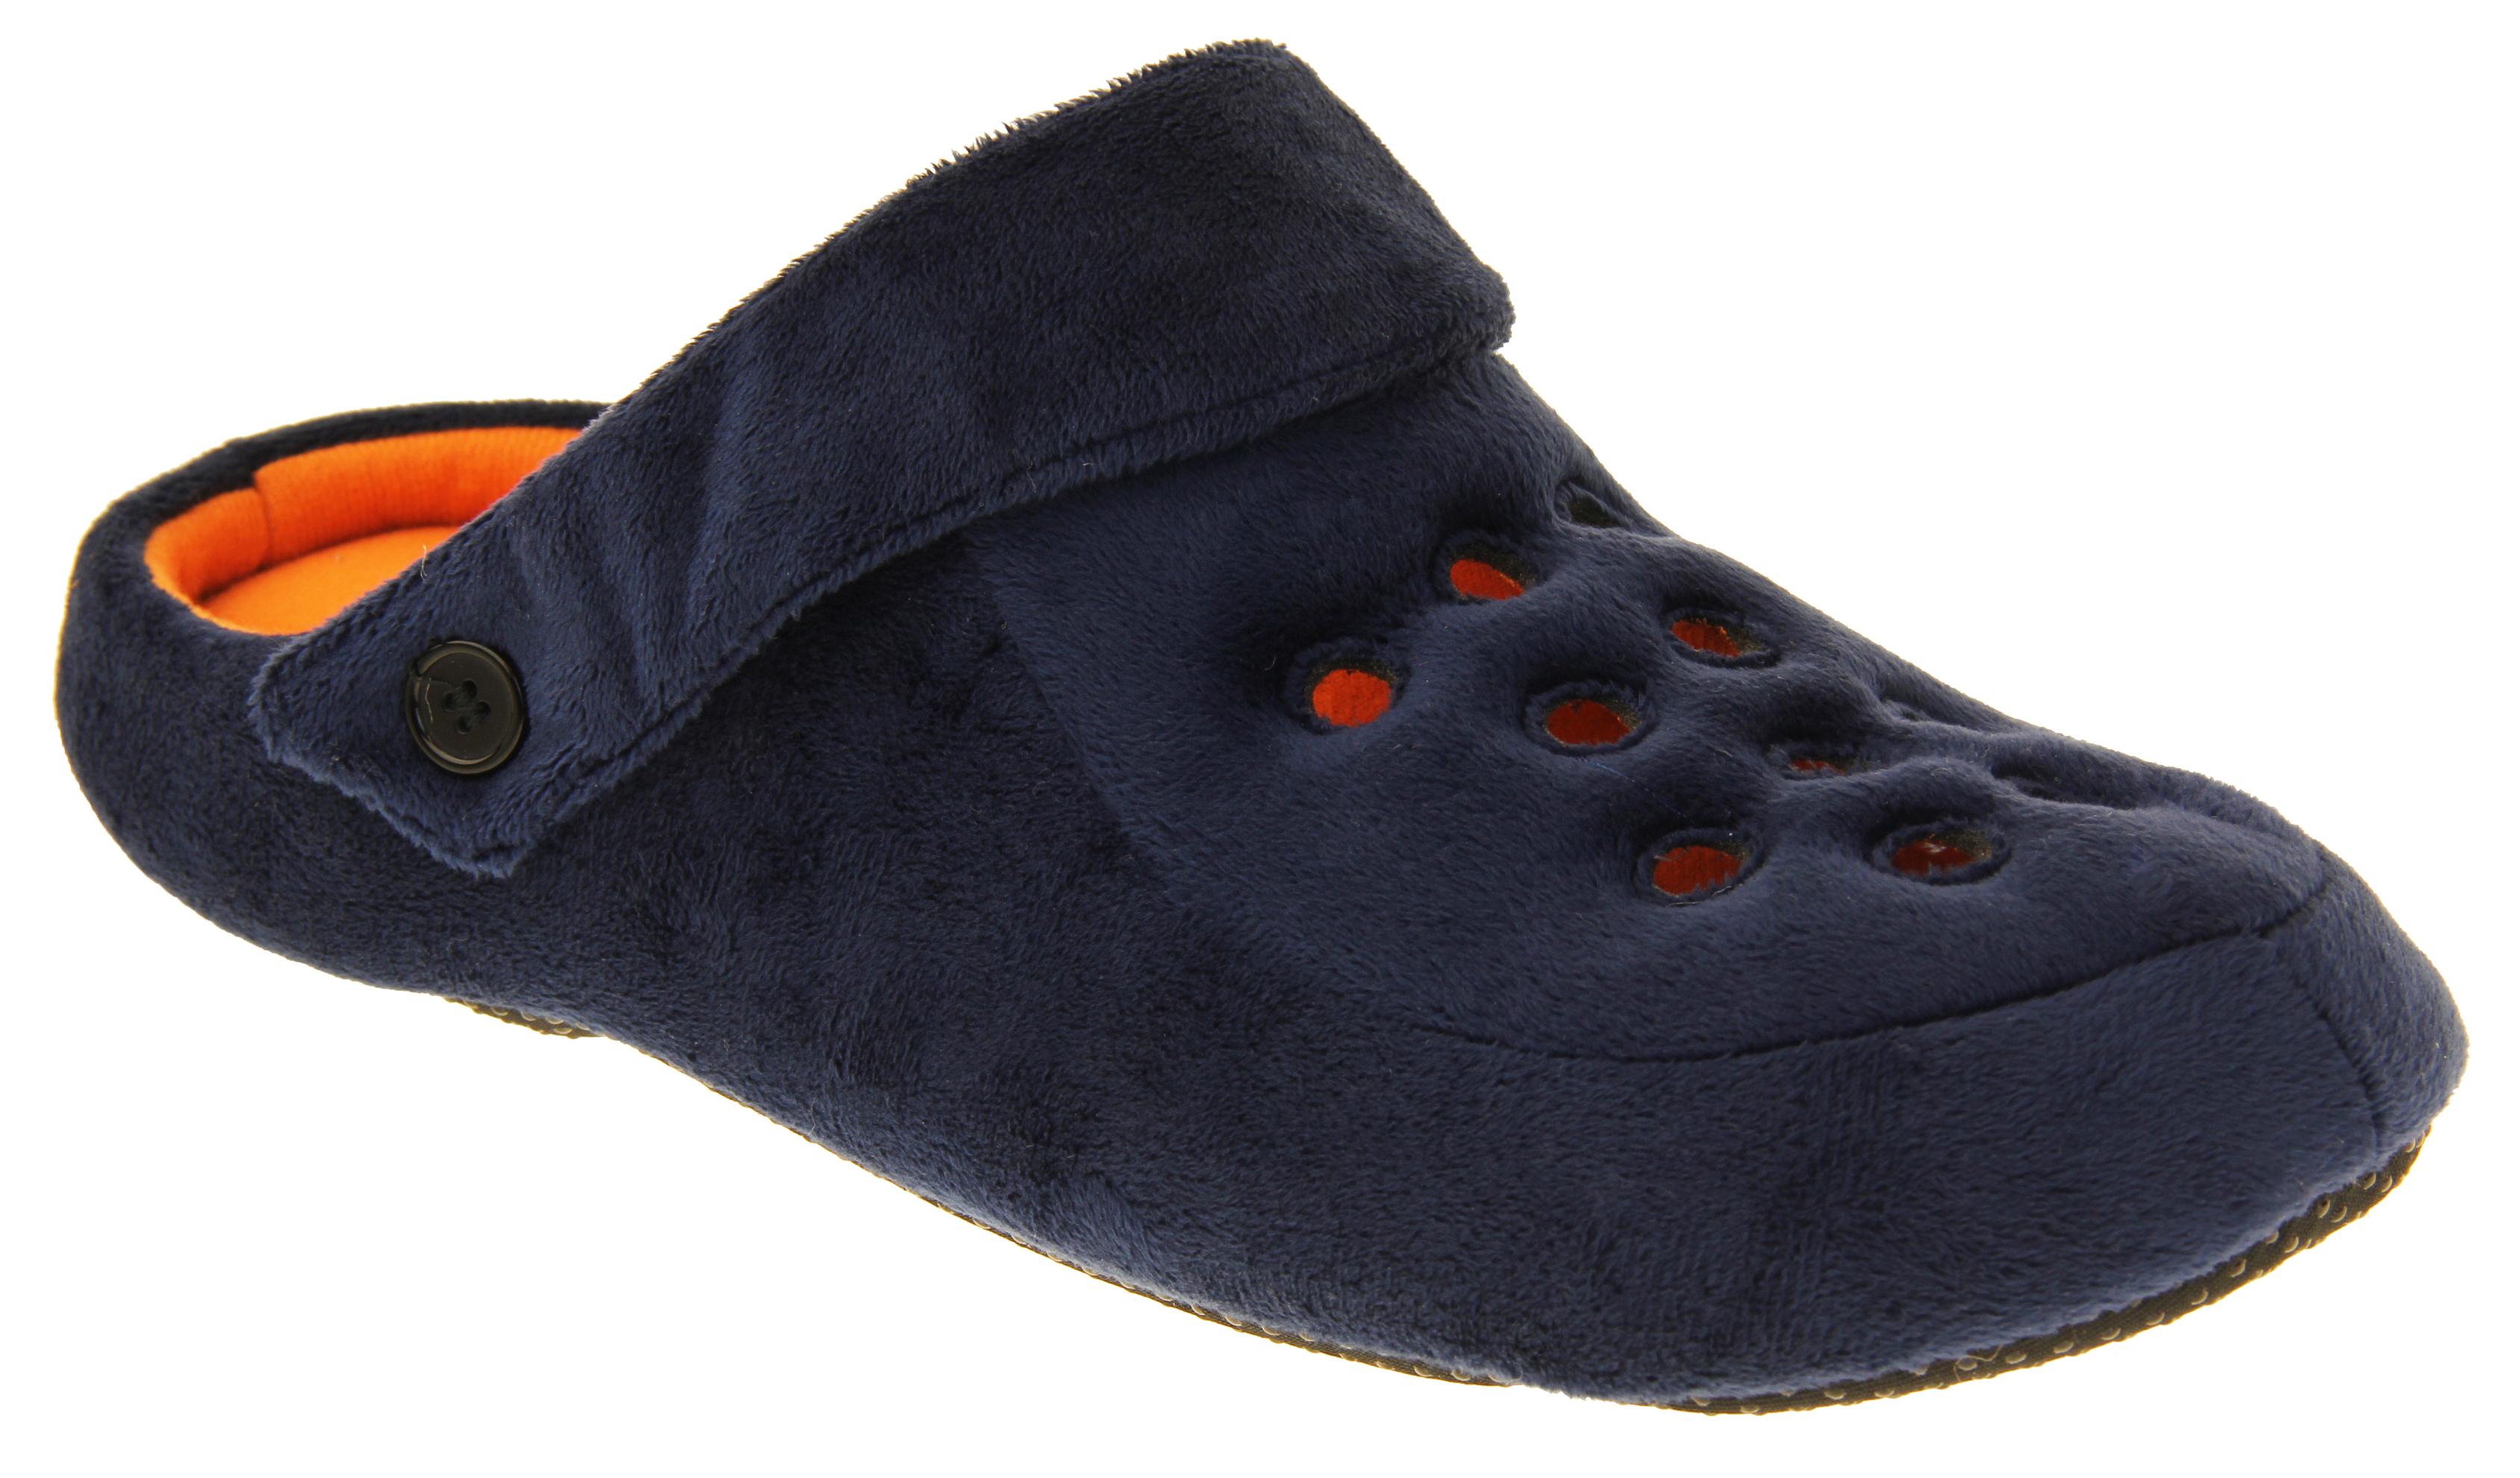 Mens Mule Slippers Black Ribbed Velour Slip On Dunlop Sizes 7 8 9 10 11 12 13